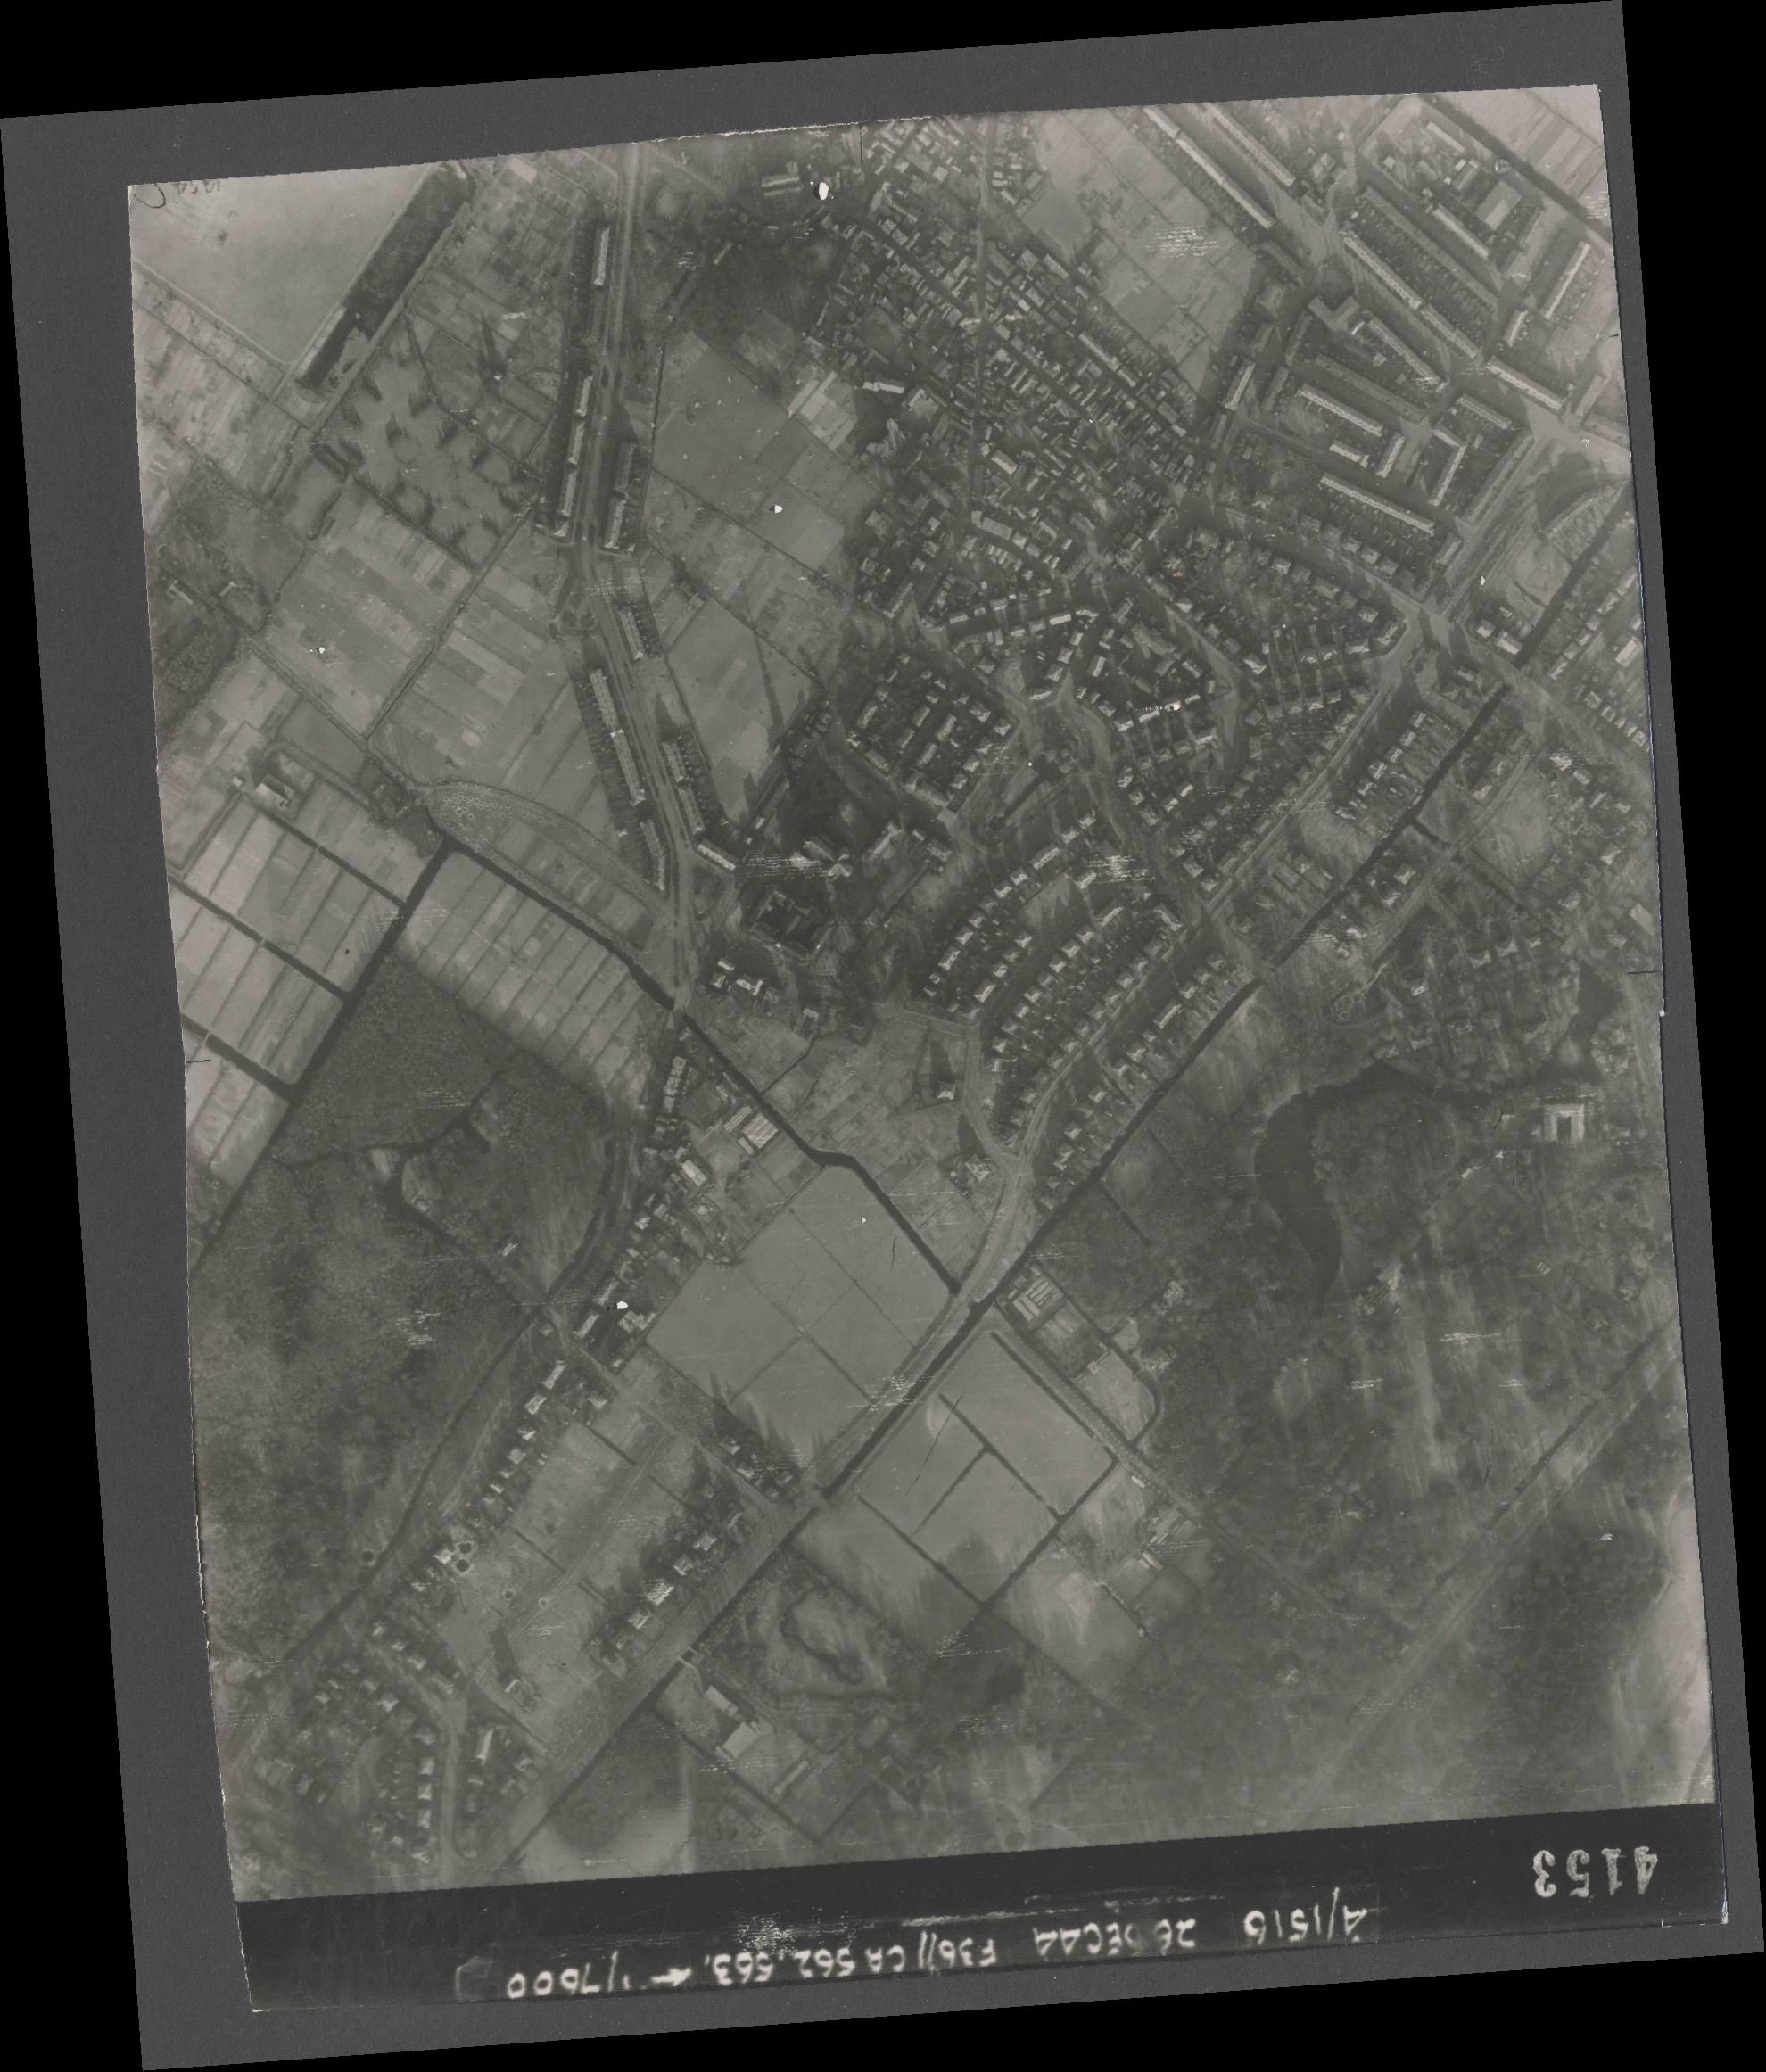 Collection RAF aerial photos 1940-1945 - flight 152, run 06, photo 4153